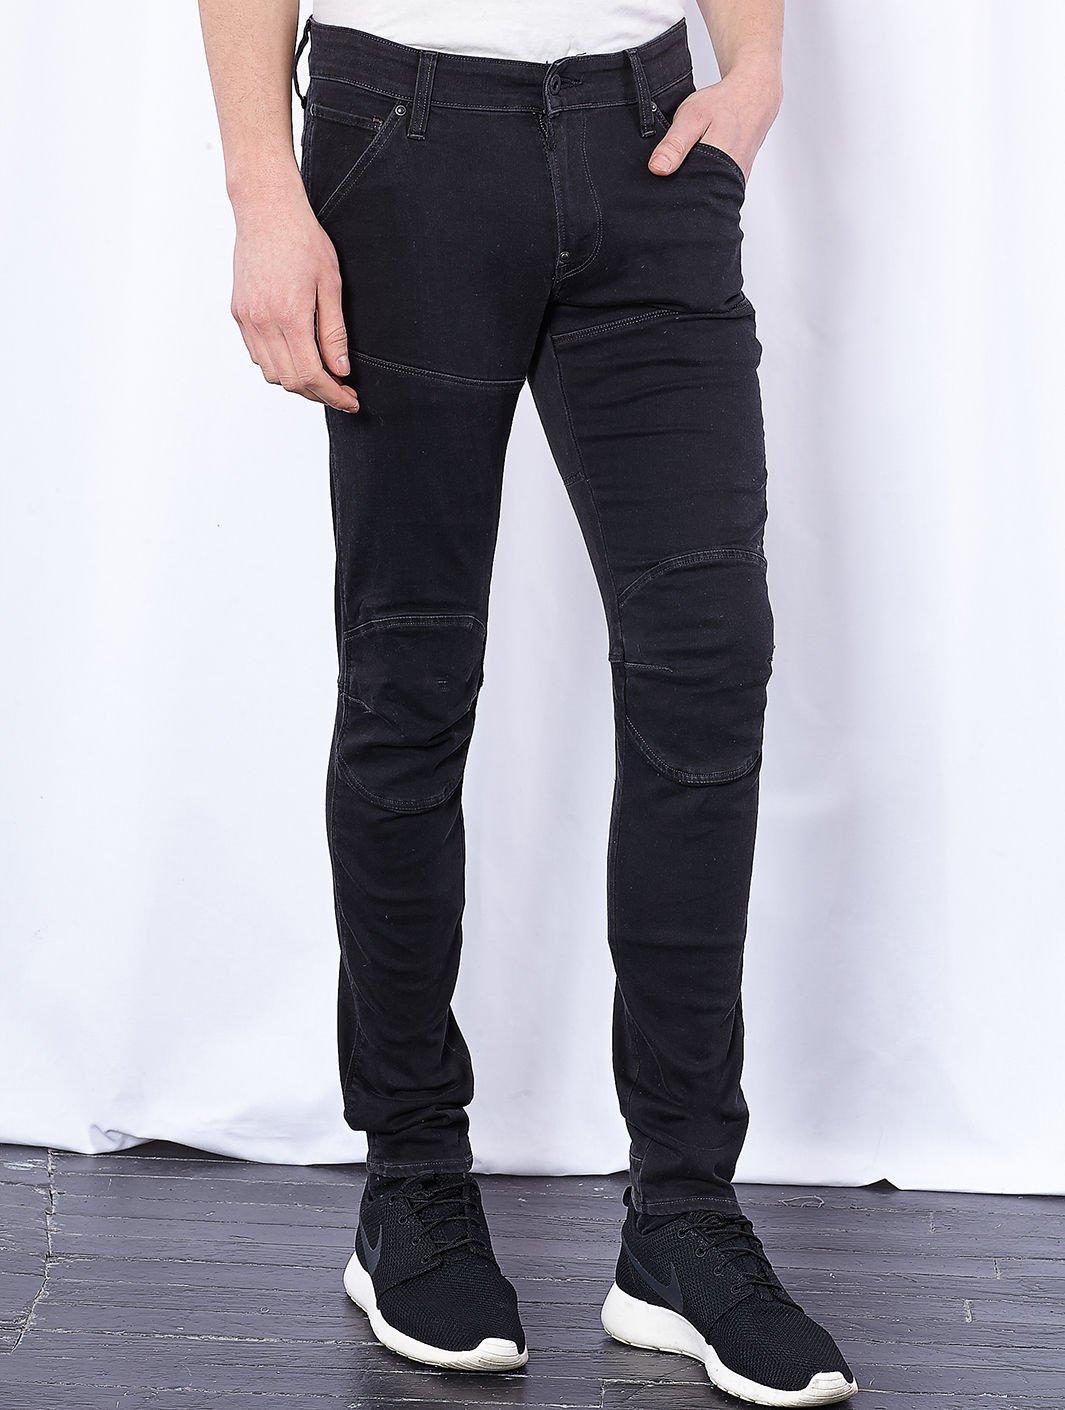 Jeans slim homme bien le choisir selon sa morphologie - Quelle coupe de jean choisir ...